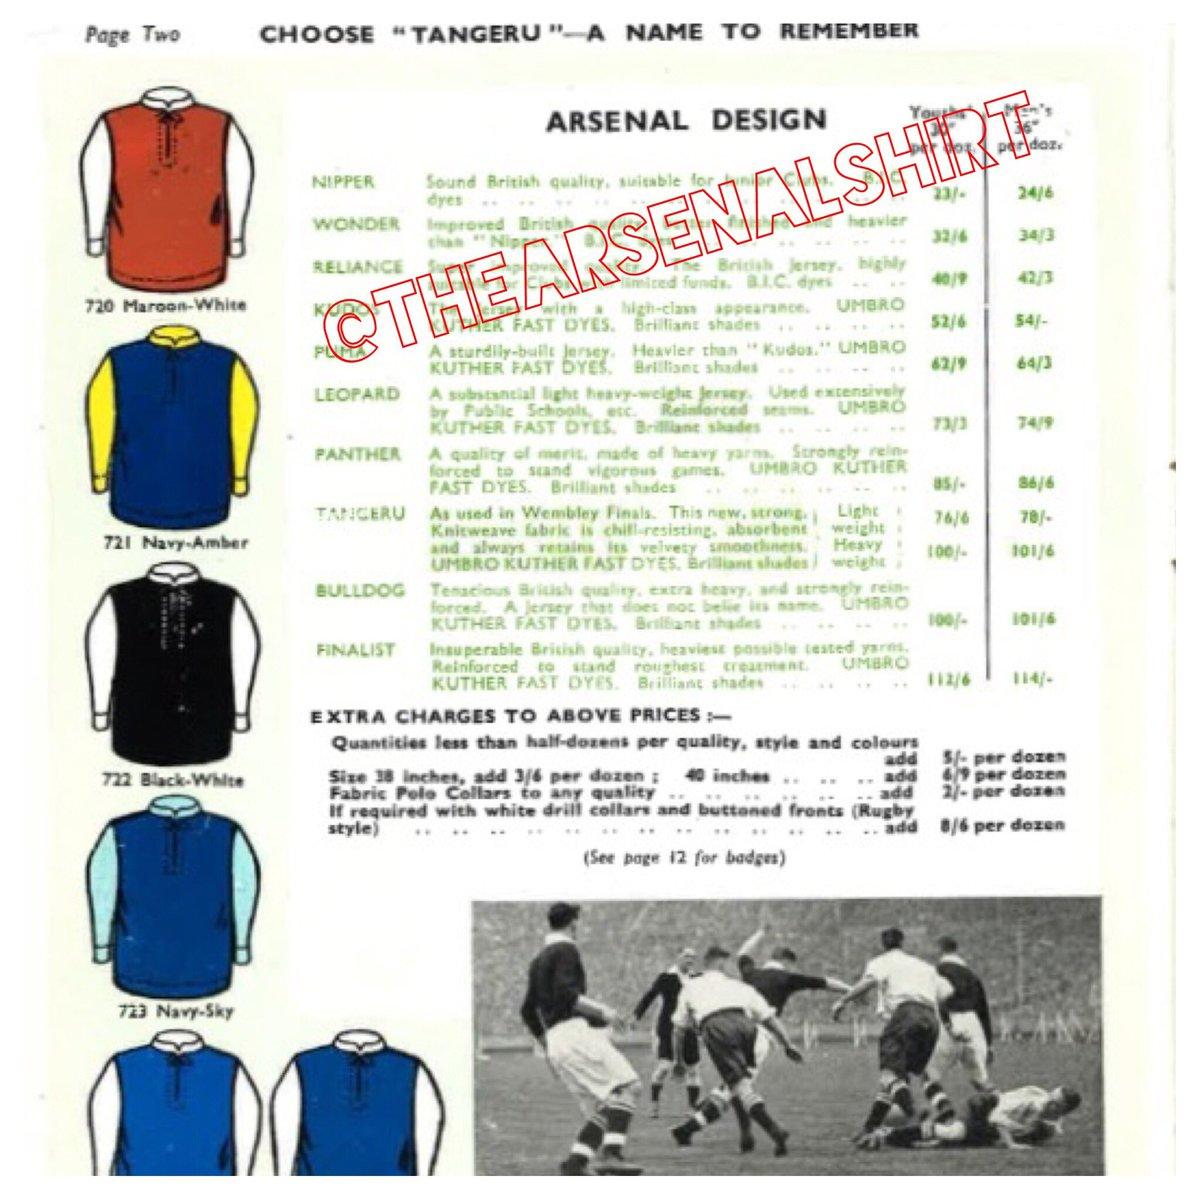 Catalogue design software